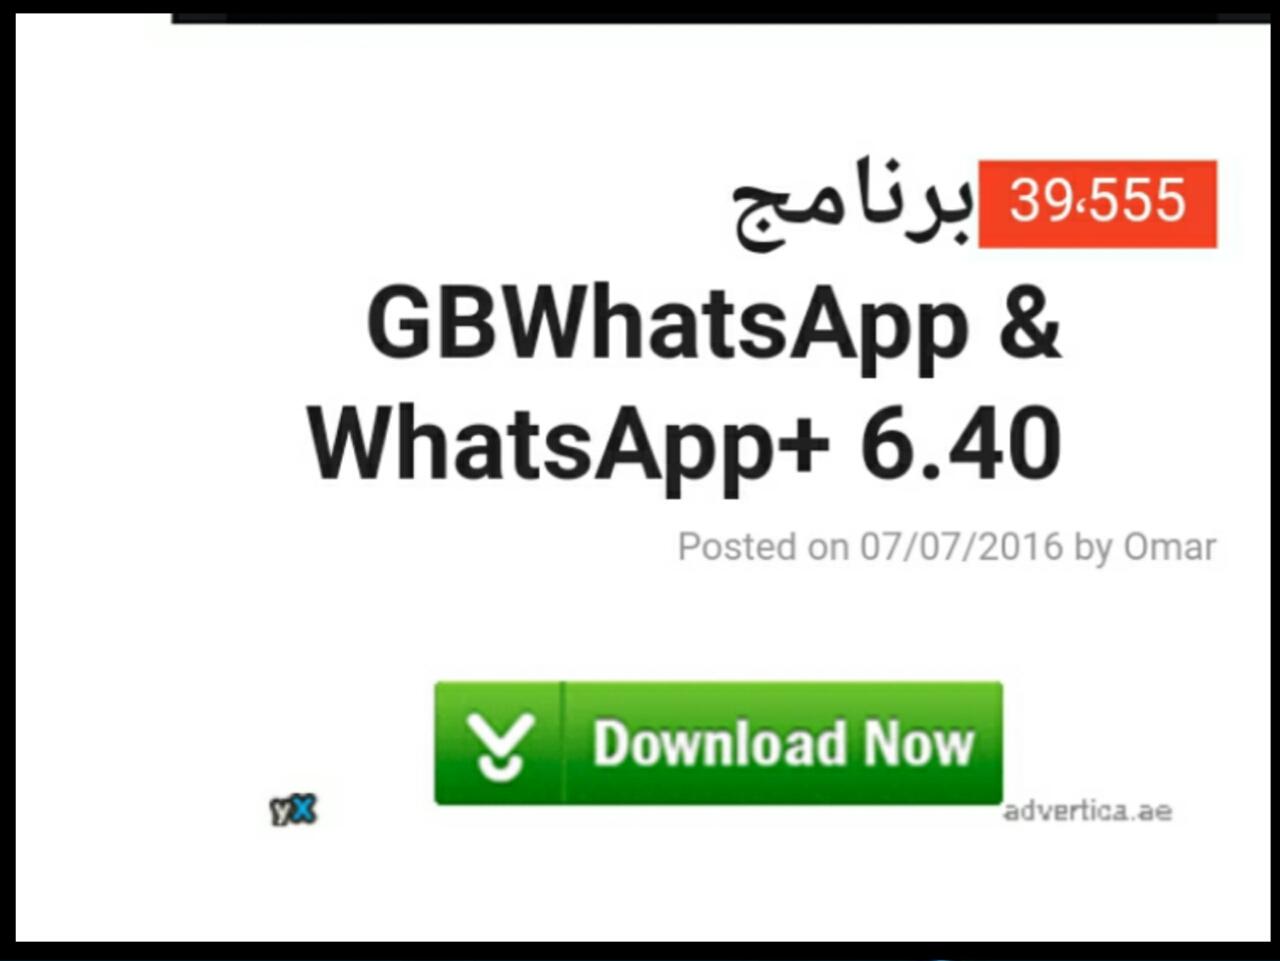 gb whatsapp update 6 40